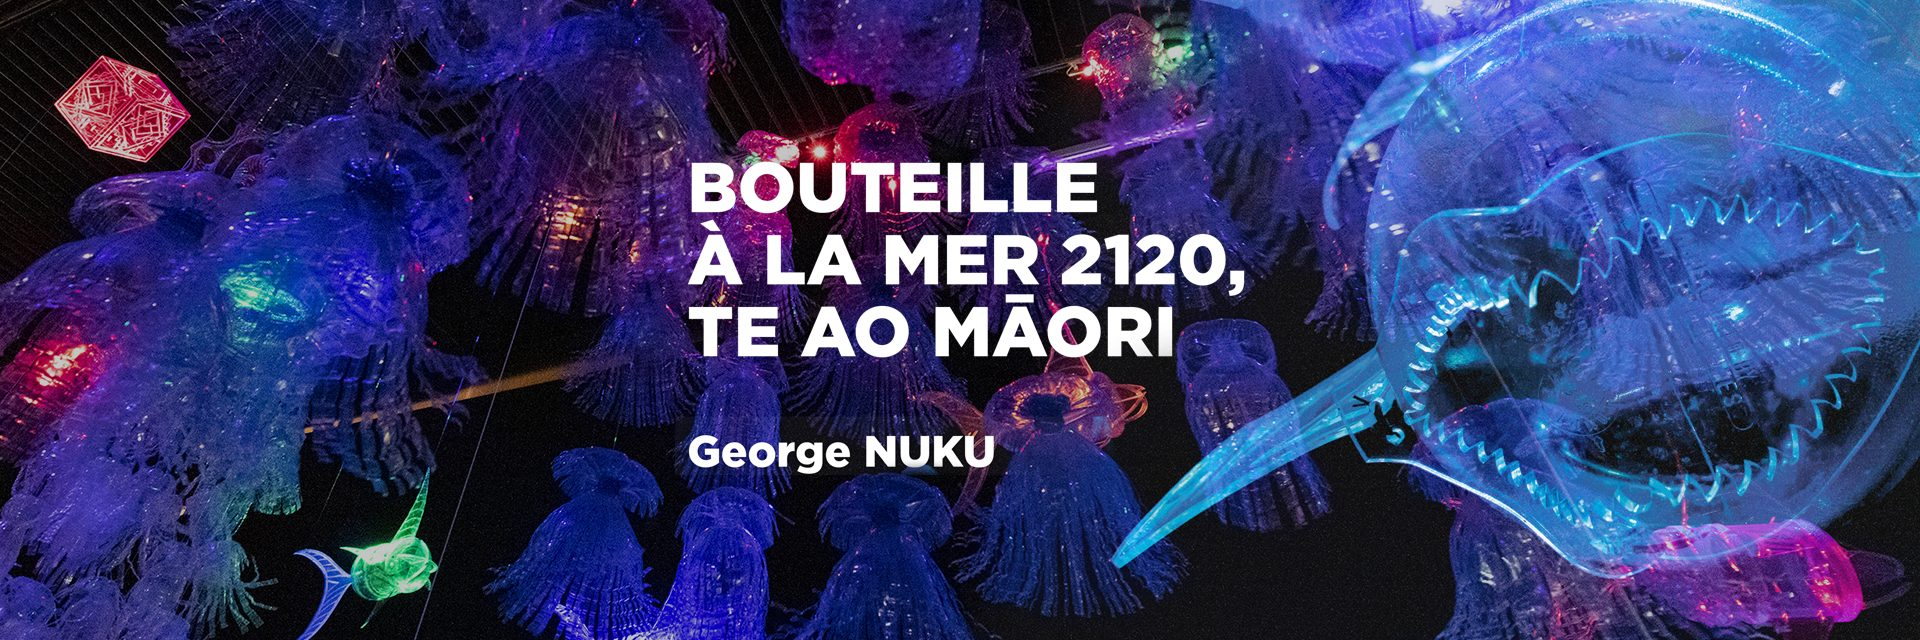 nuku-1920x640